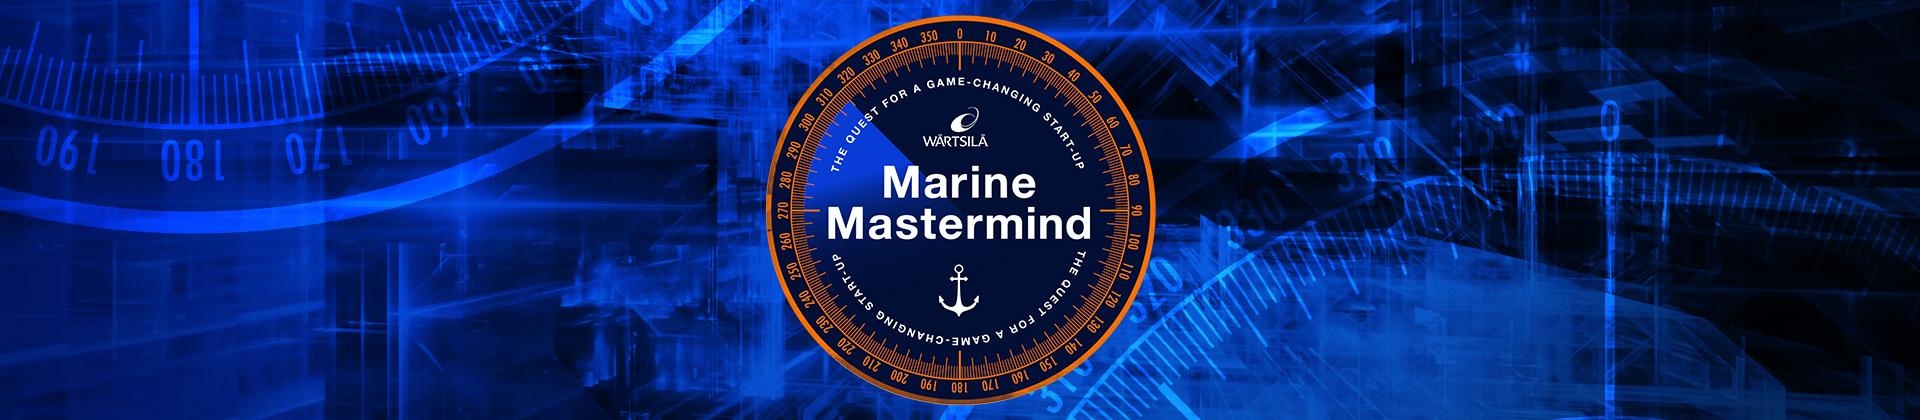 Wärtsilä Marine Mastermind